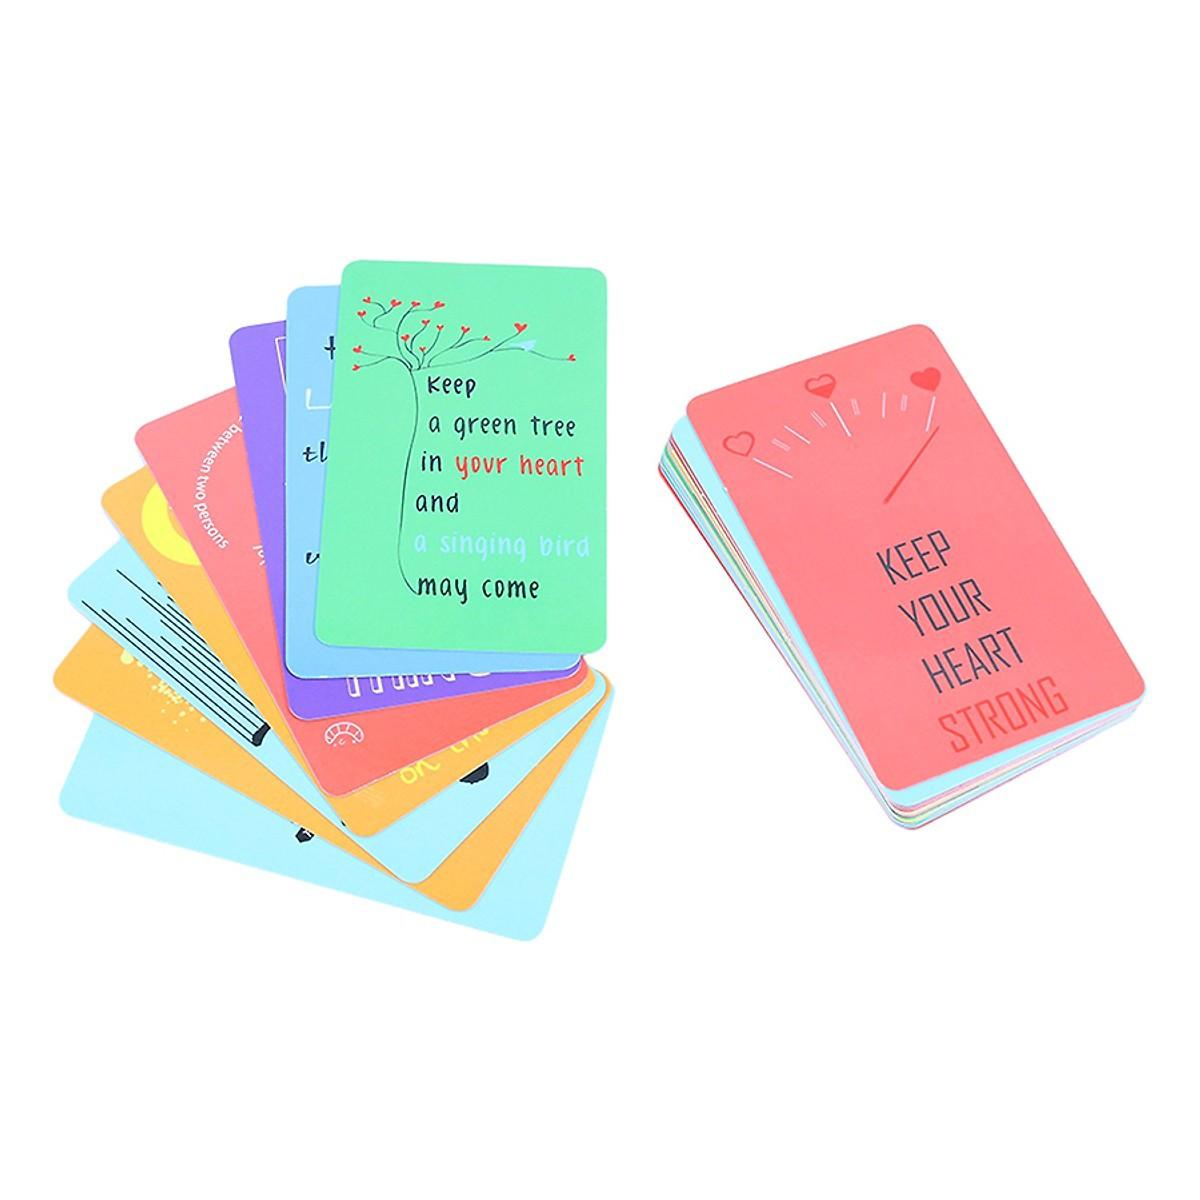 Combo 2 Cuốn Sách Hay Nhất Của Diệp Lạc Vô Tâm: Anh Không Muốn Để Em Một Mình + Mãi Mãi Là Bao Xa (Bộ Sách Hoàn Hảo Dành Cho Độc Gỉa Yêu Thích Thể Loại Ngôn Tình Lãng Mạn / Tặng Kèm Bookmark Green Life)